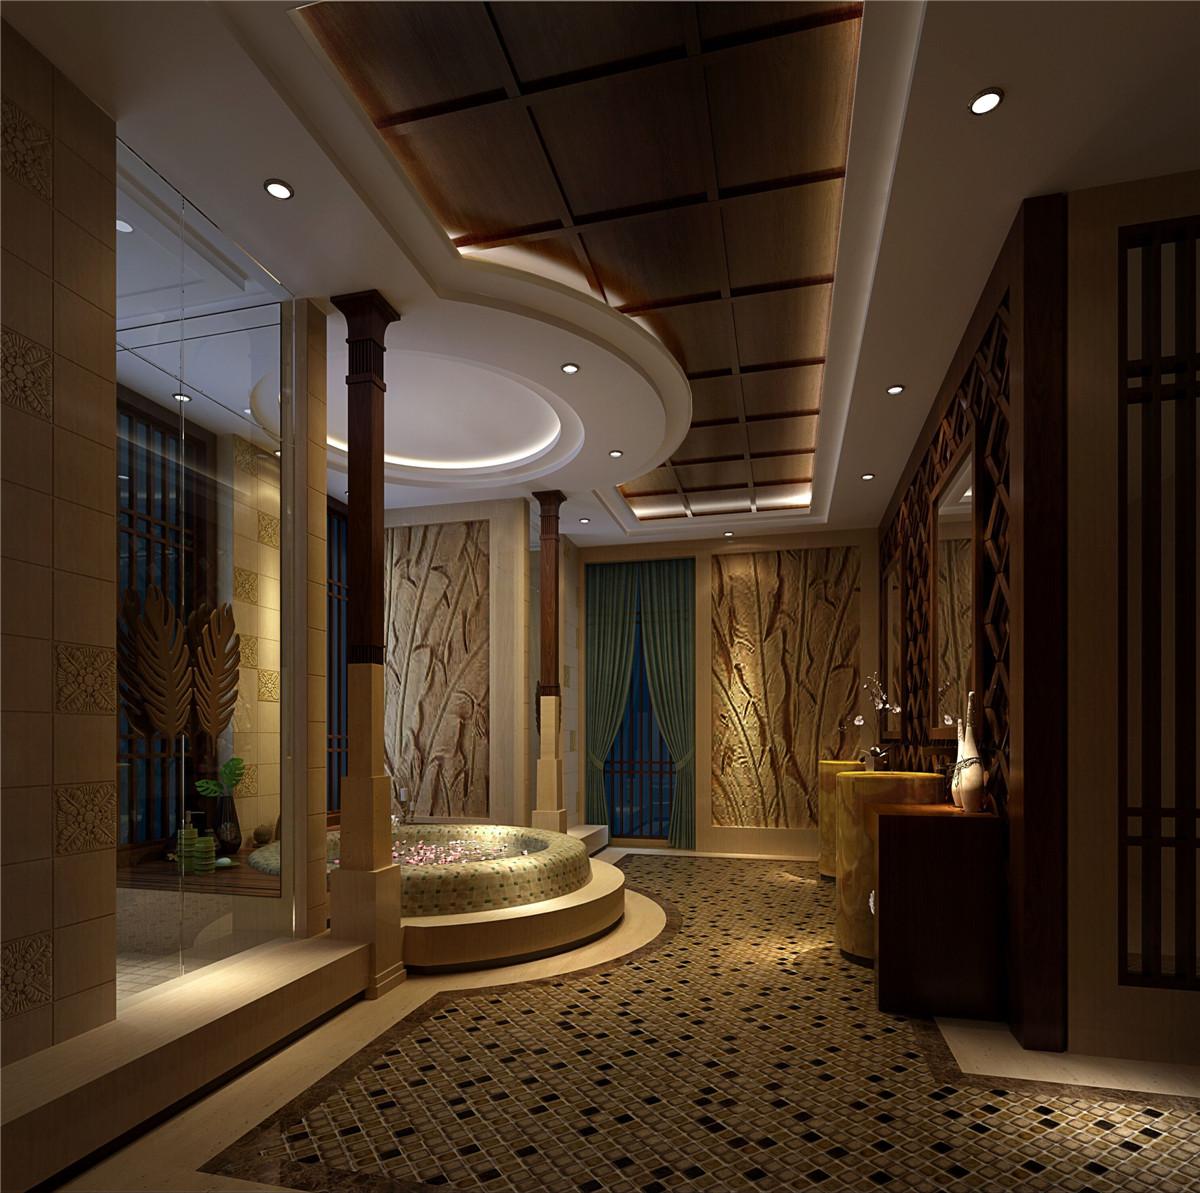 商务会所 装修设计 欧式古典 腾龙设计 卫生间图片来自室内设计师孔继民在新茂润壹号商务会所古典欧式风的分享